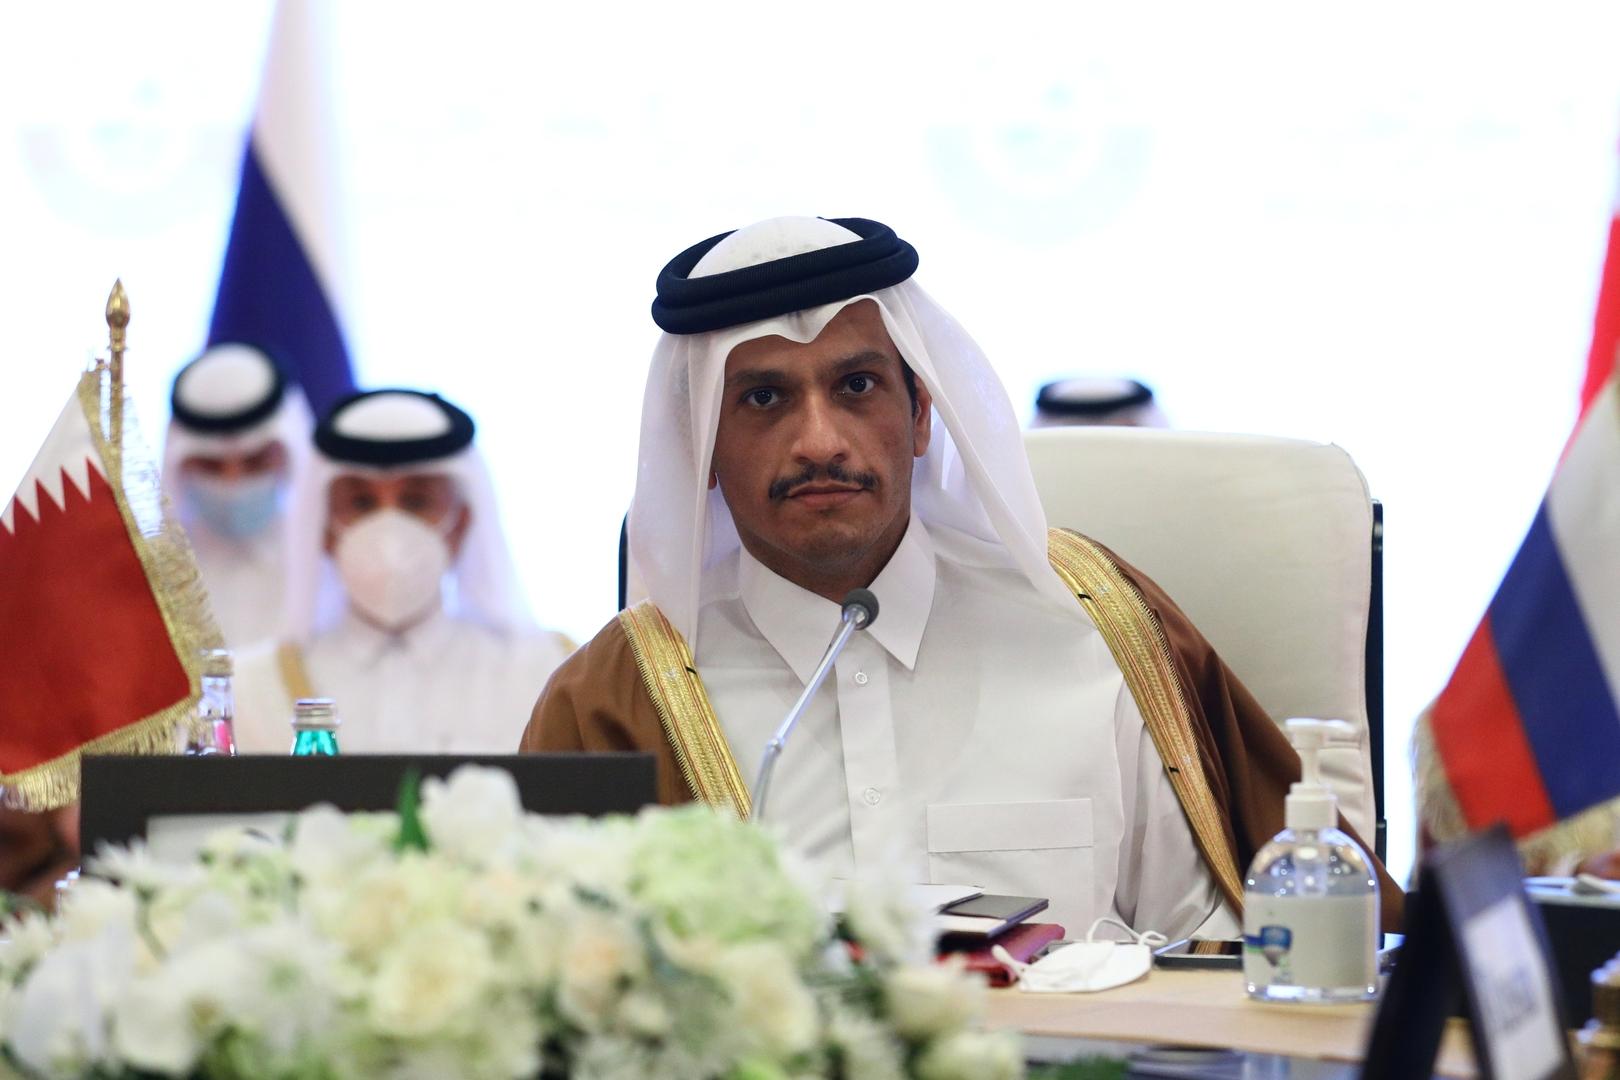 قطر: أسباب تعليق عضوية سوريا في الجامعة العربية ما زالت قائمة